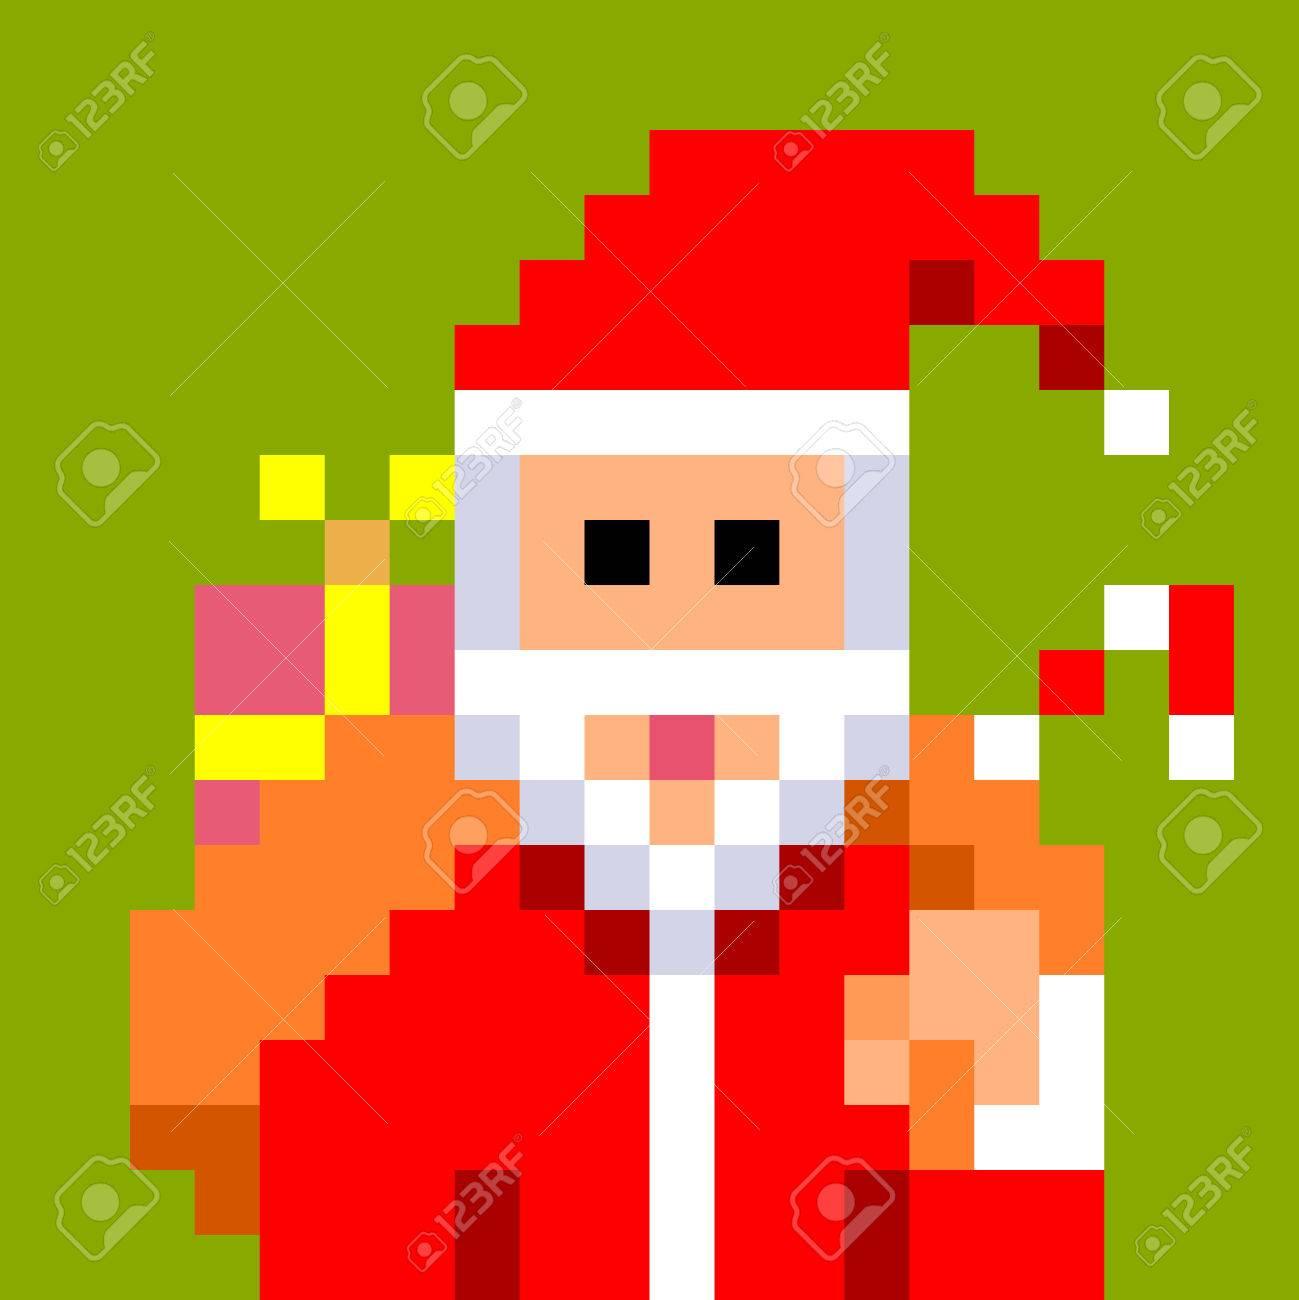 Pixel Art Père Noël Portant Un Grand Sac Plein De Cadeaux Pour Noël